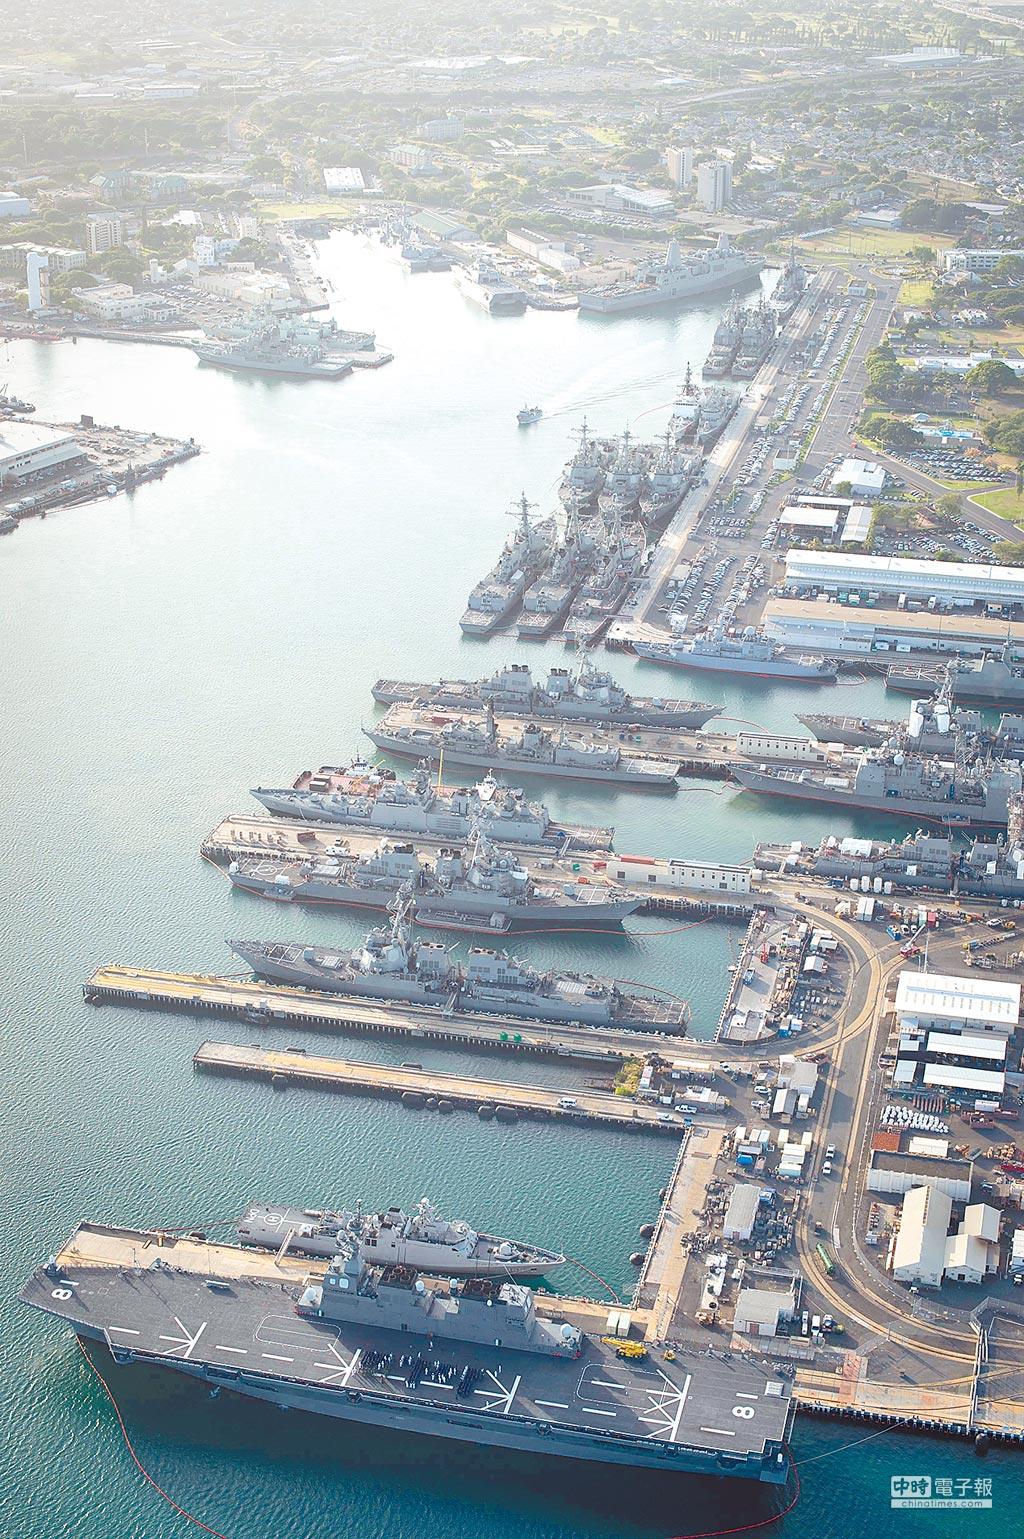 美國智庫專家表示,北韓的長程彈道飛彈射程可抵夏威夷,珍珠港在內的美軍基地恐成為北韓核攻擊目標。圖為停靠在珍珠港的各國艦艇。(取自美國海軍官網)